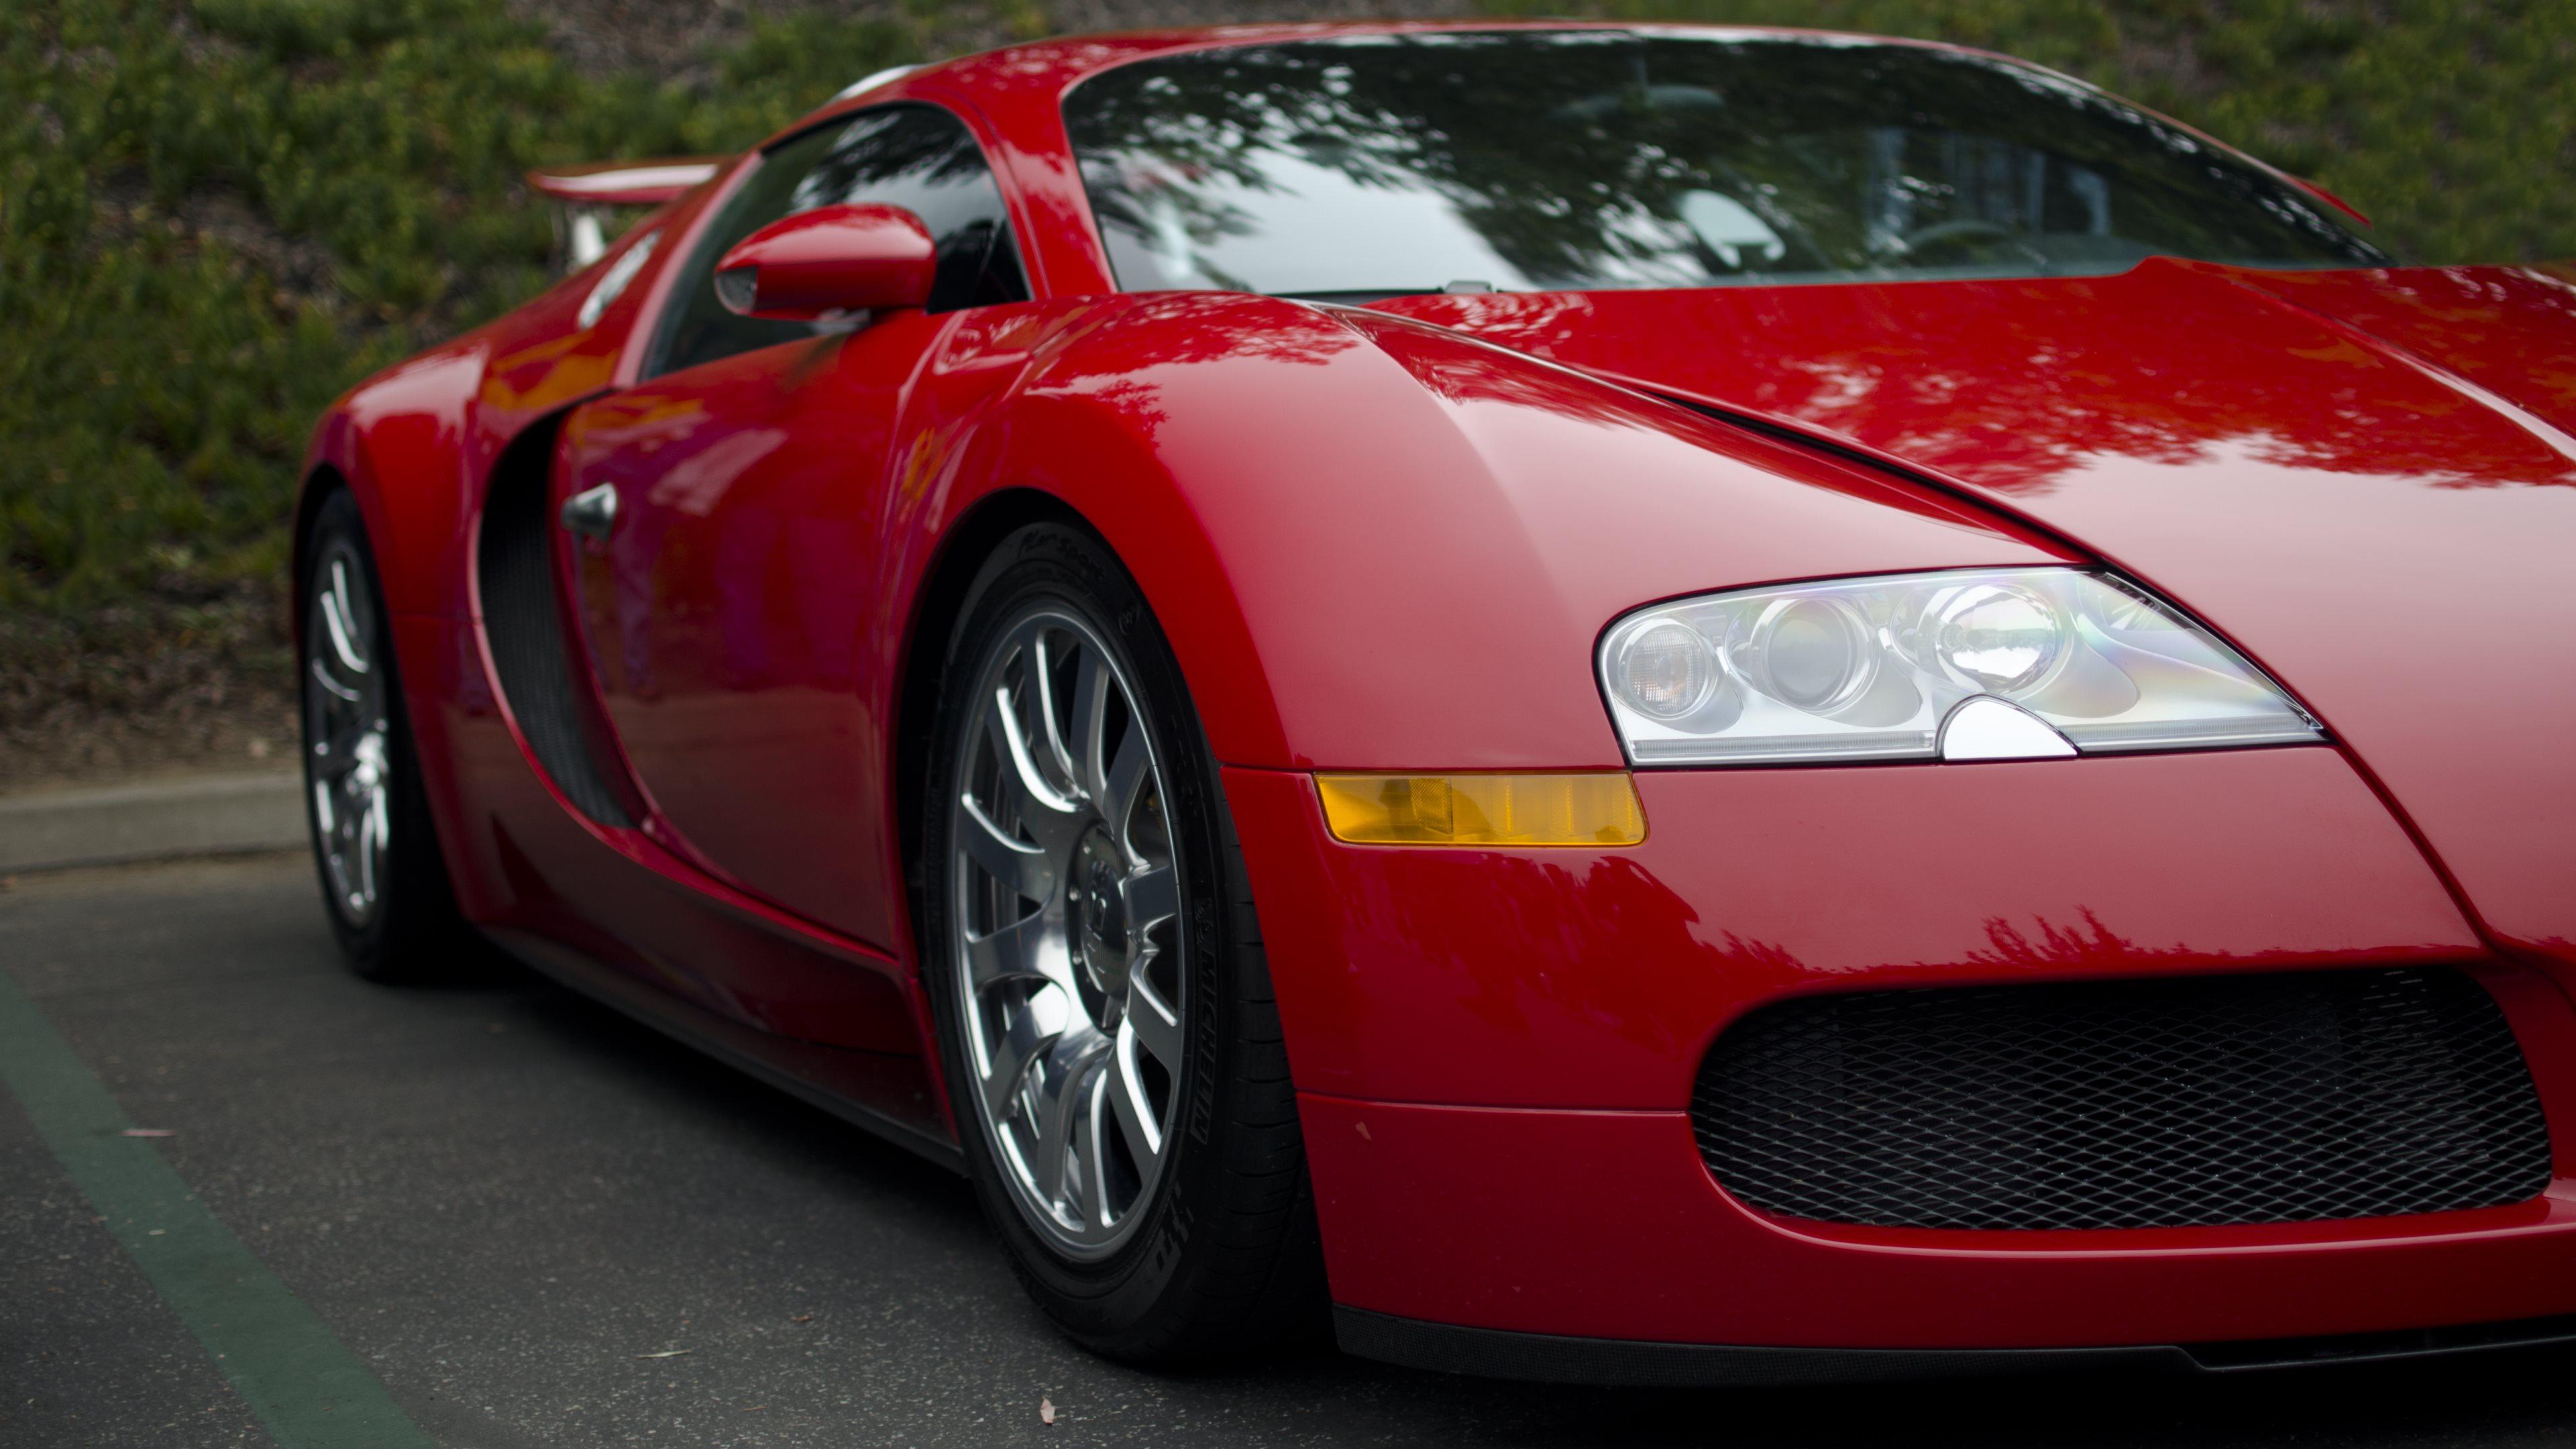 red bugatti car widescreen wallpaper 67200